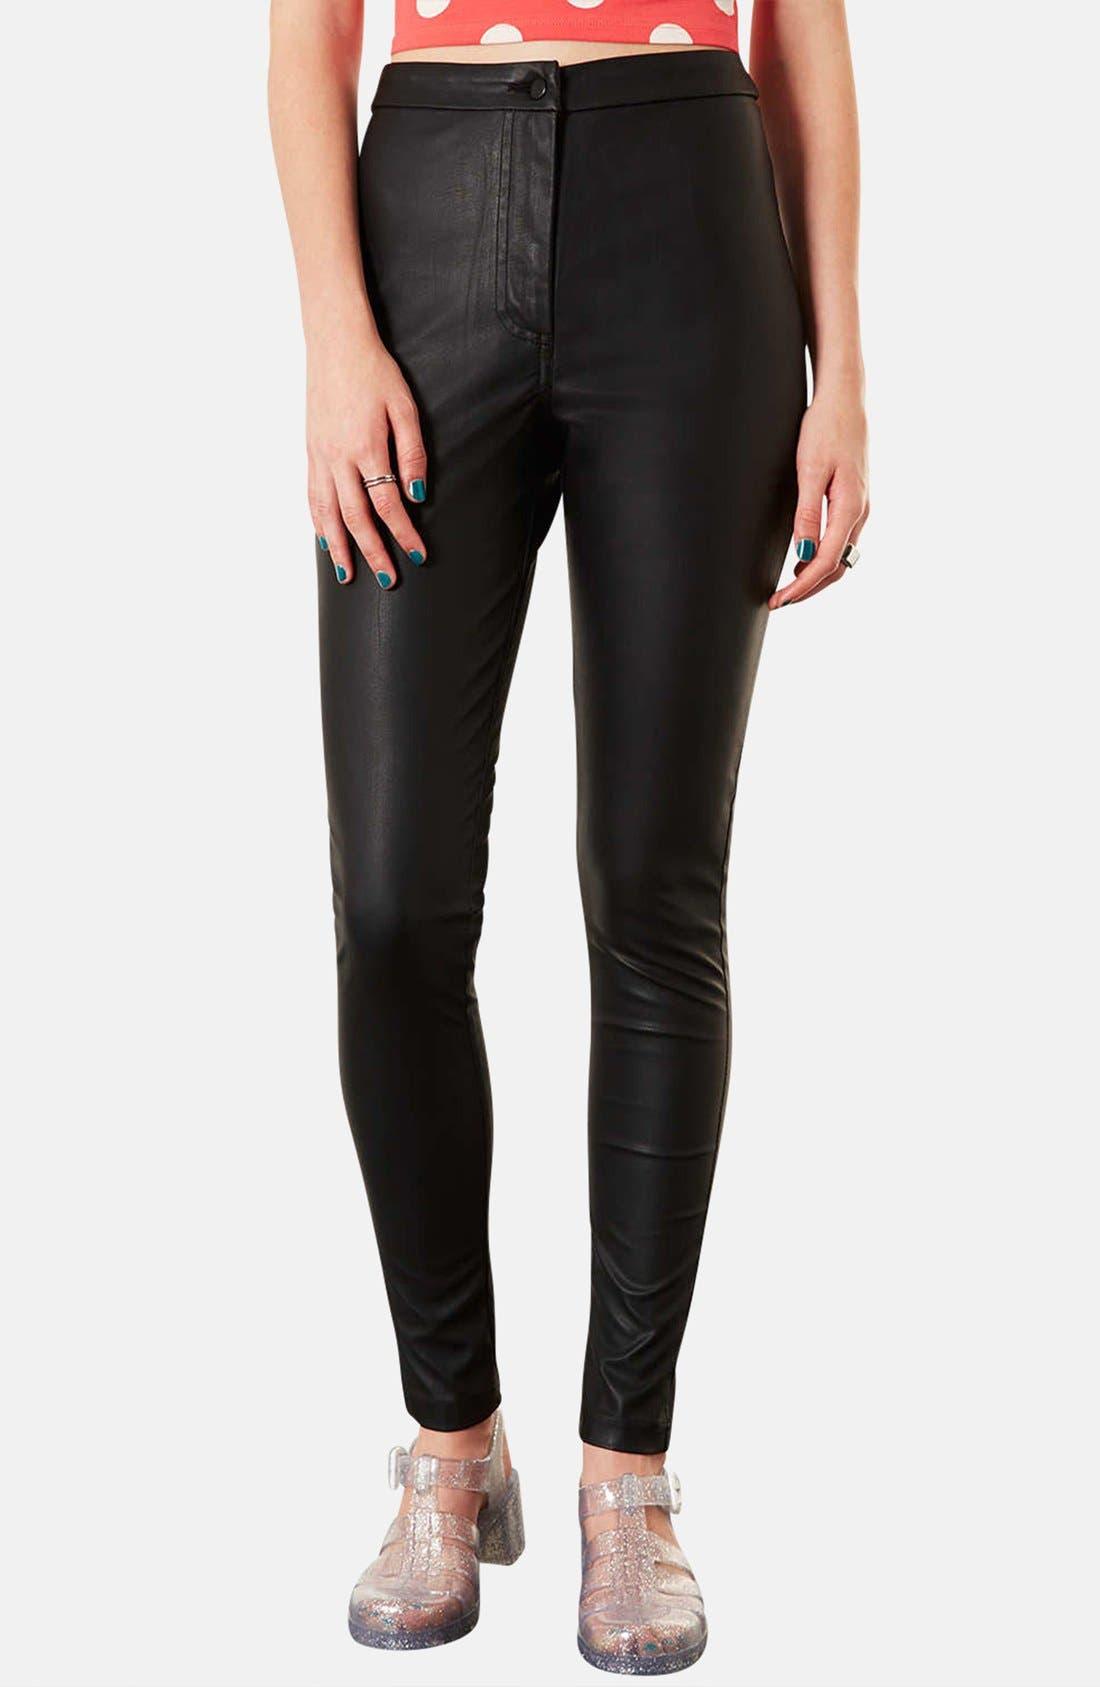 'Debbie' High Waist Faux Leather Pants,                             Main thumbnail 1, color,                             001